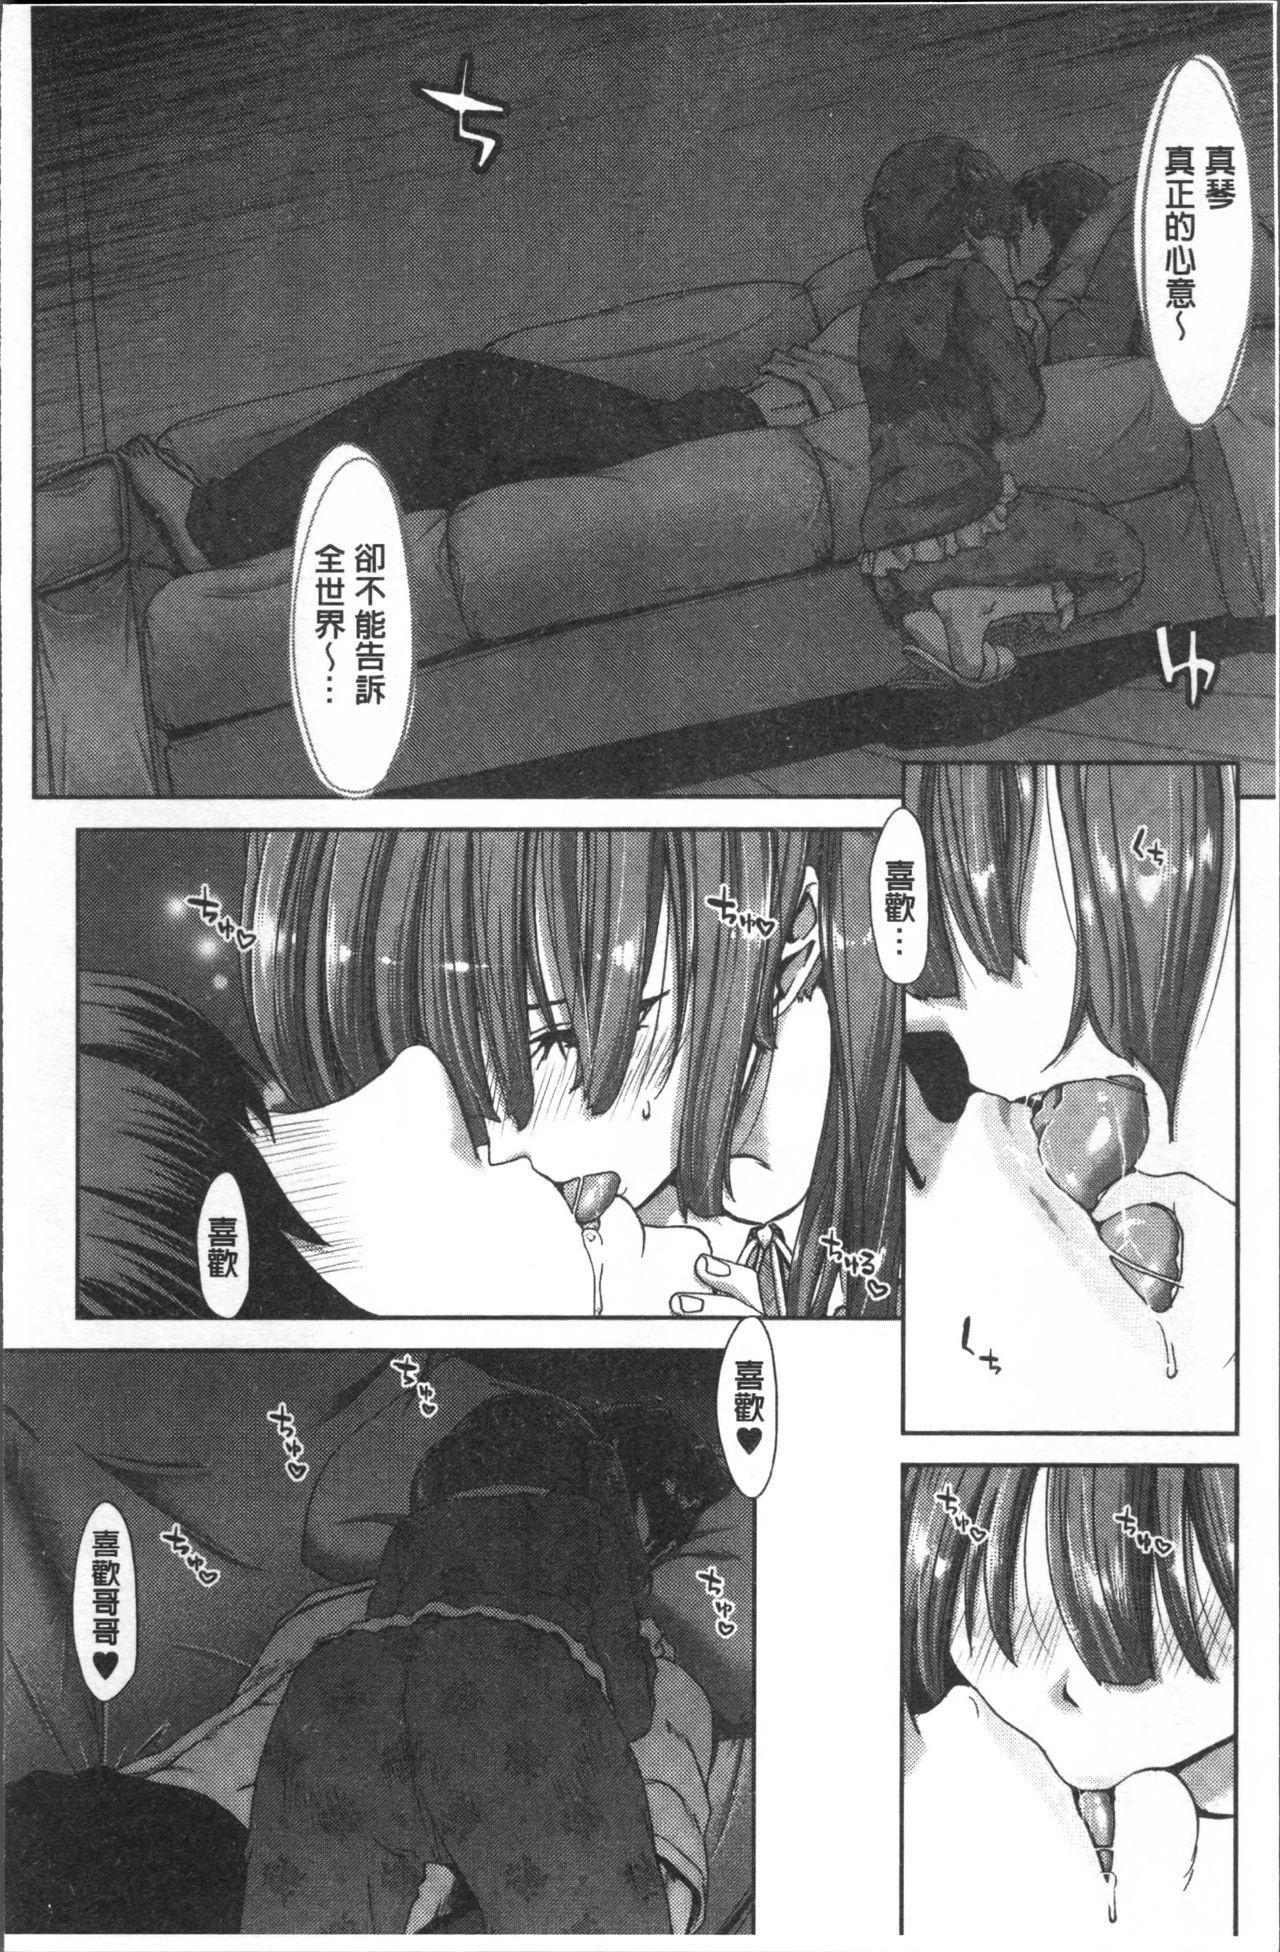 Imouto dakedo Oniichan, H Shiyo! H Shiyo! H Shiyou yo! 48